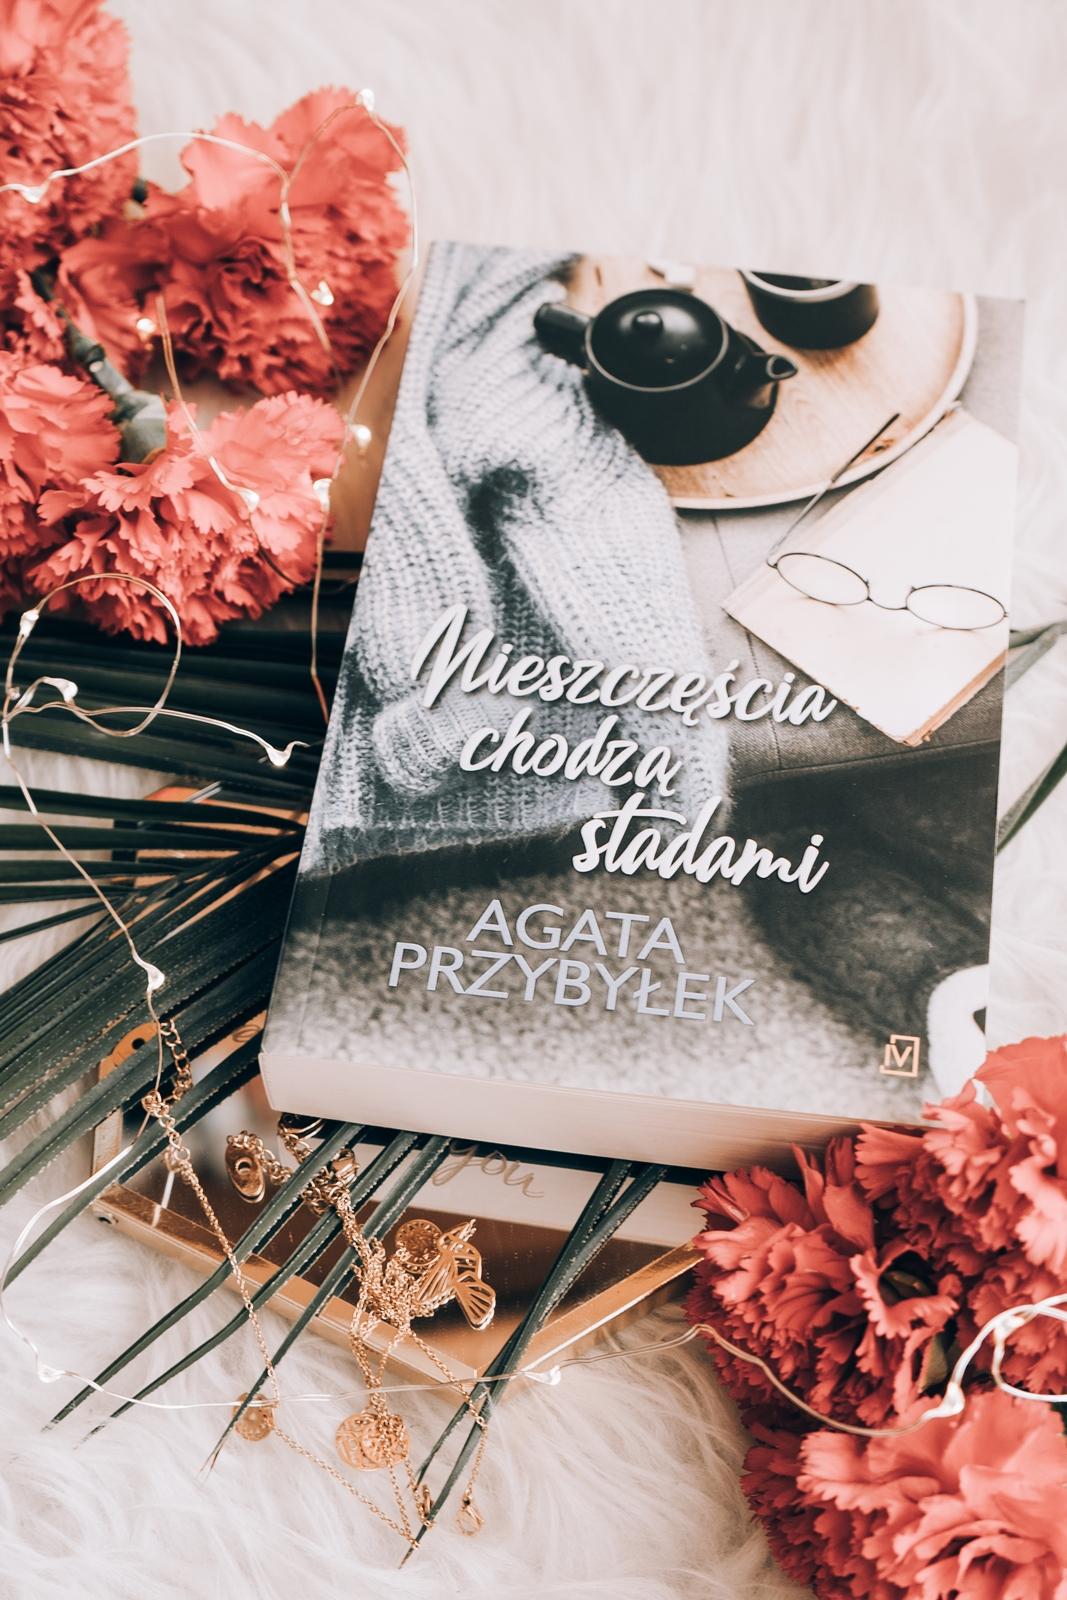 recenzja ksiazki agaty przybyłek kociarz przyjaciele dziennik singielki cisza między słowami więcej niż pocałunek miłość i inne nieszczęscia nie zmienił się tylko blond grzechu warta nieszczęscia chodzą